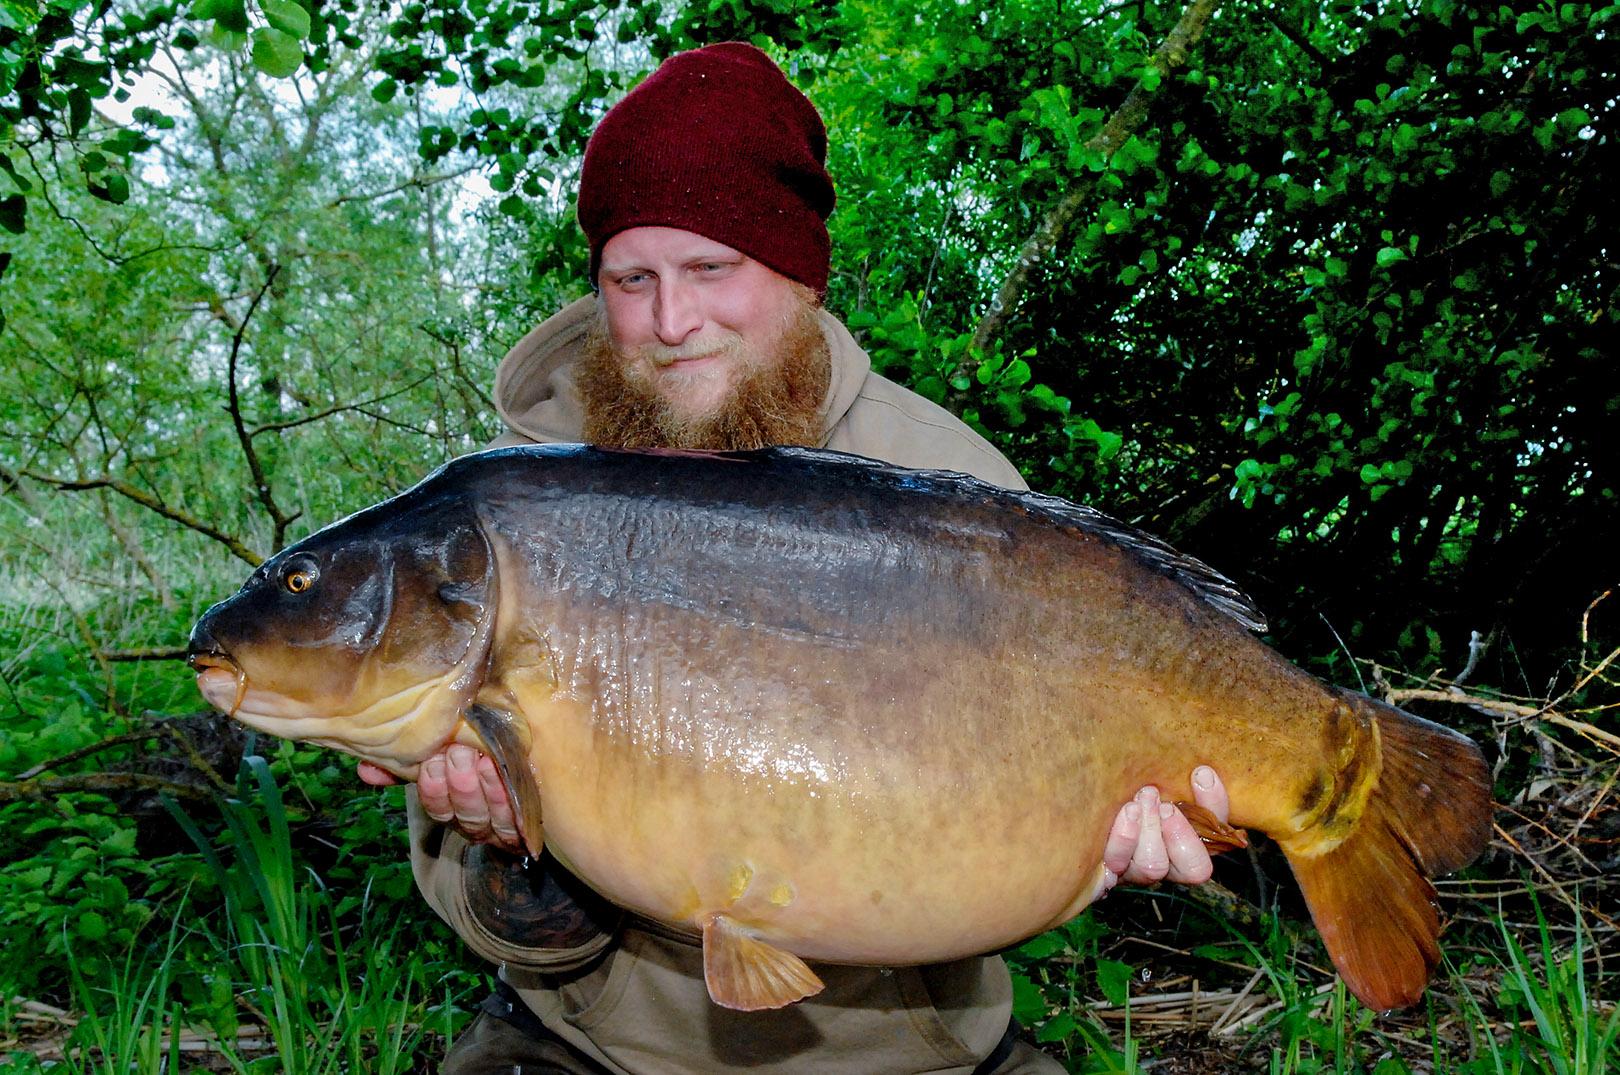 Peder med en 22,5 kilos dansk spejkarpe.